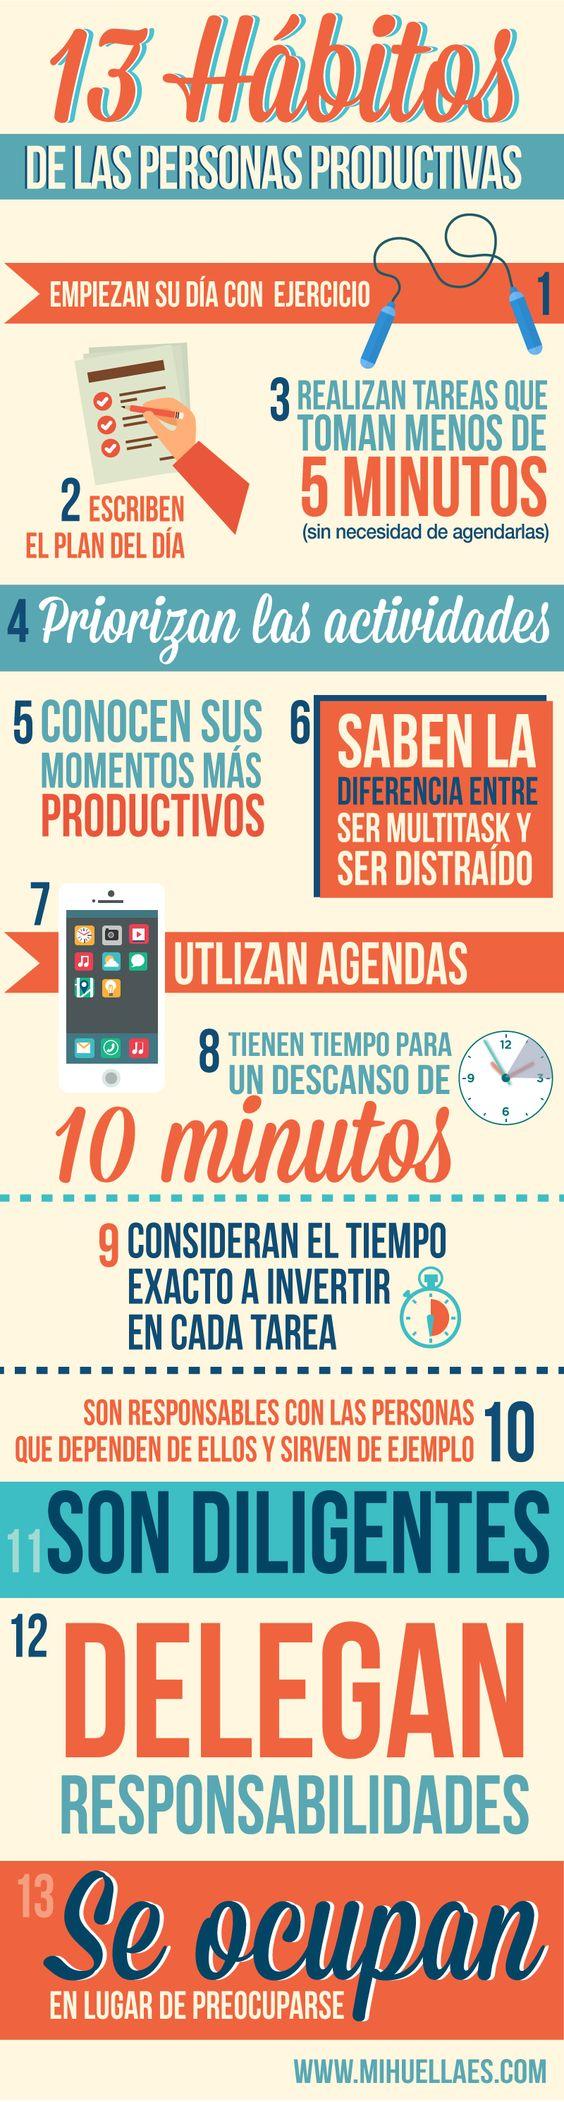 Infografía: 13 hábitos de las personas productivas.: